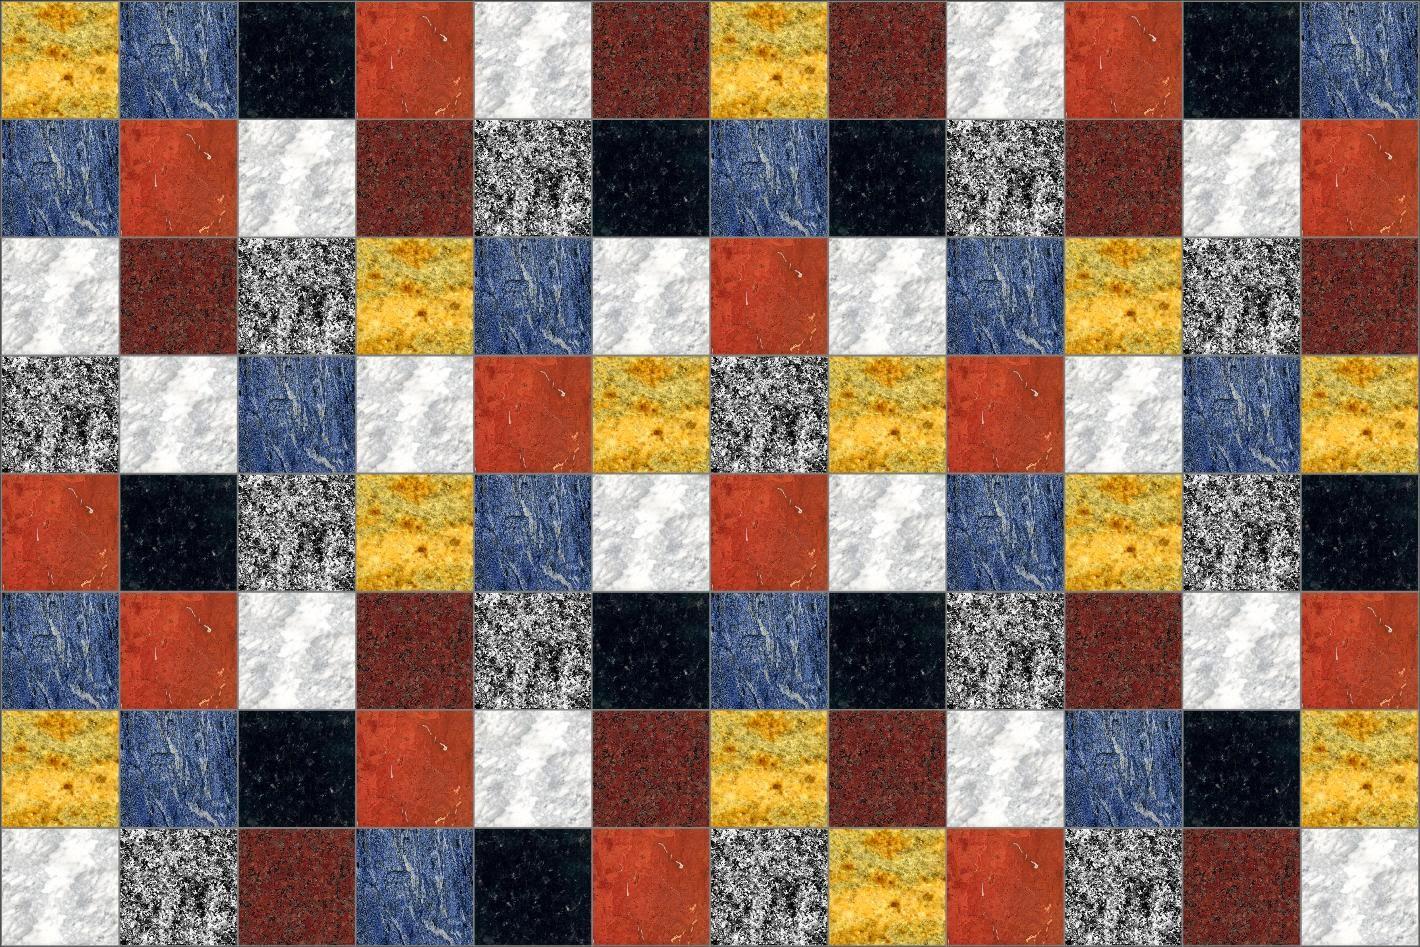 Las miniaturas de eugenia papeles suelos y azulejos - Azulejos suelo ...